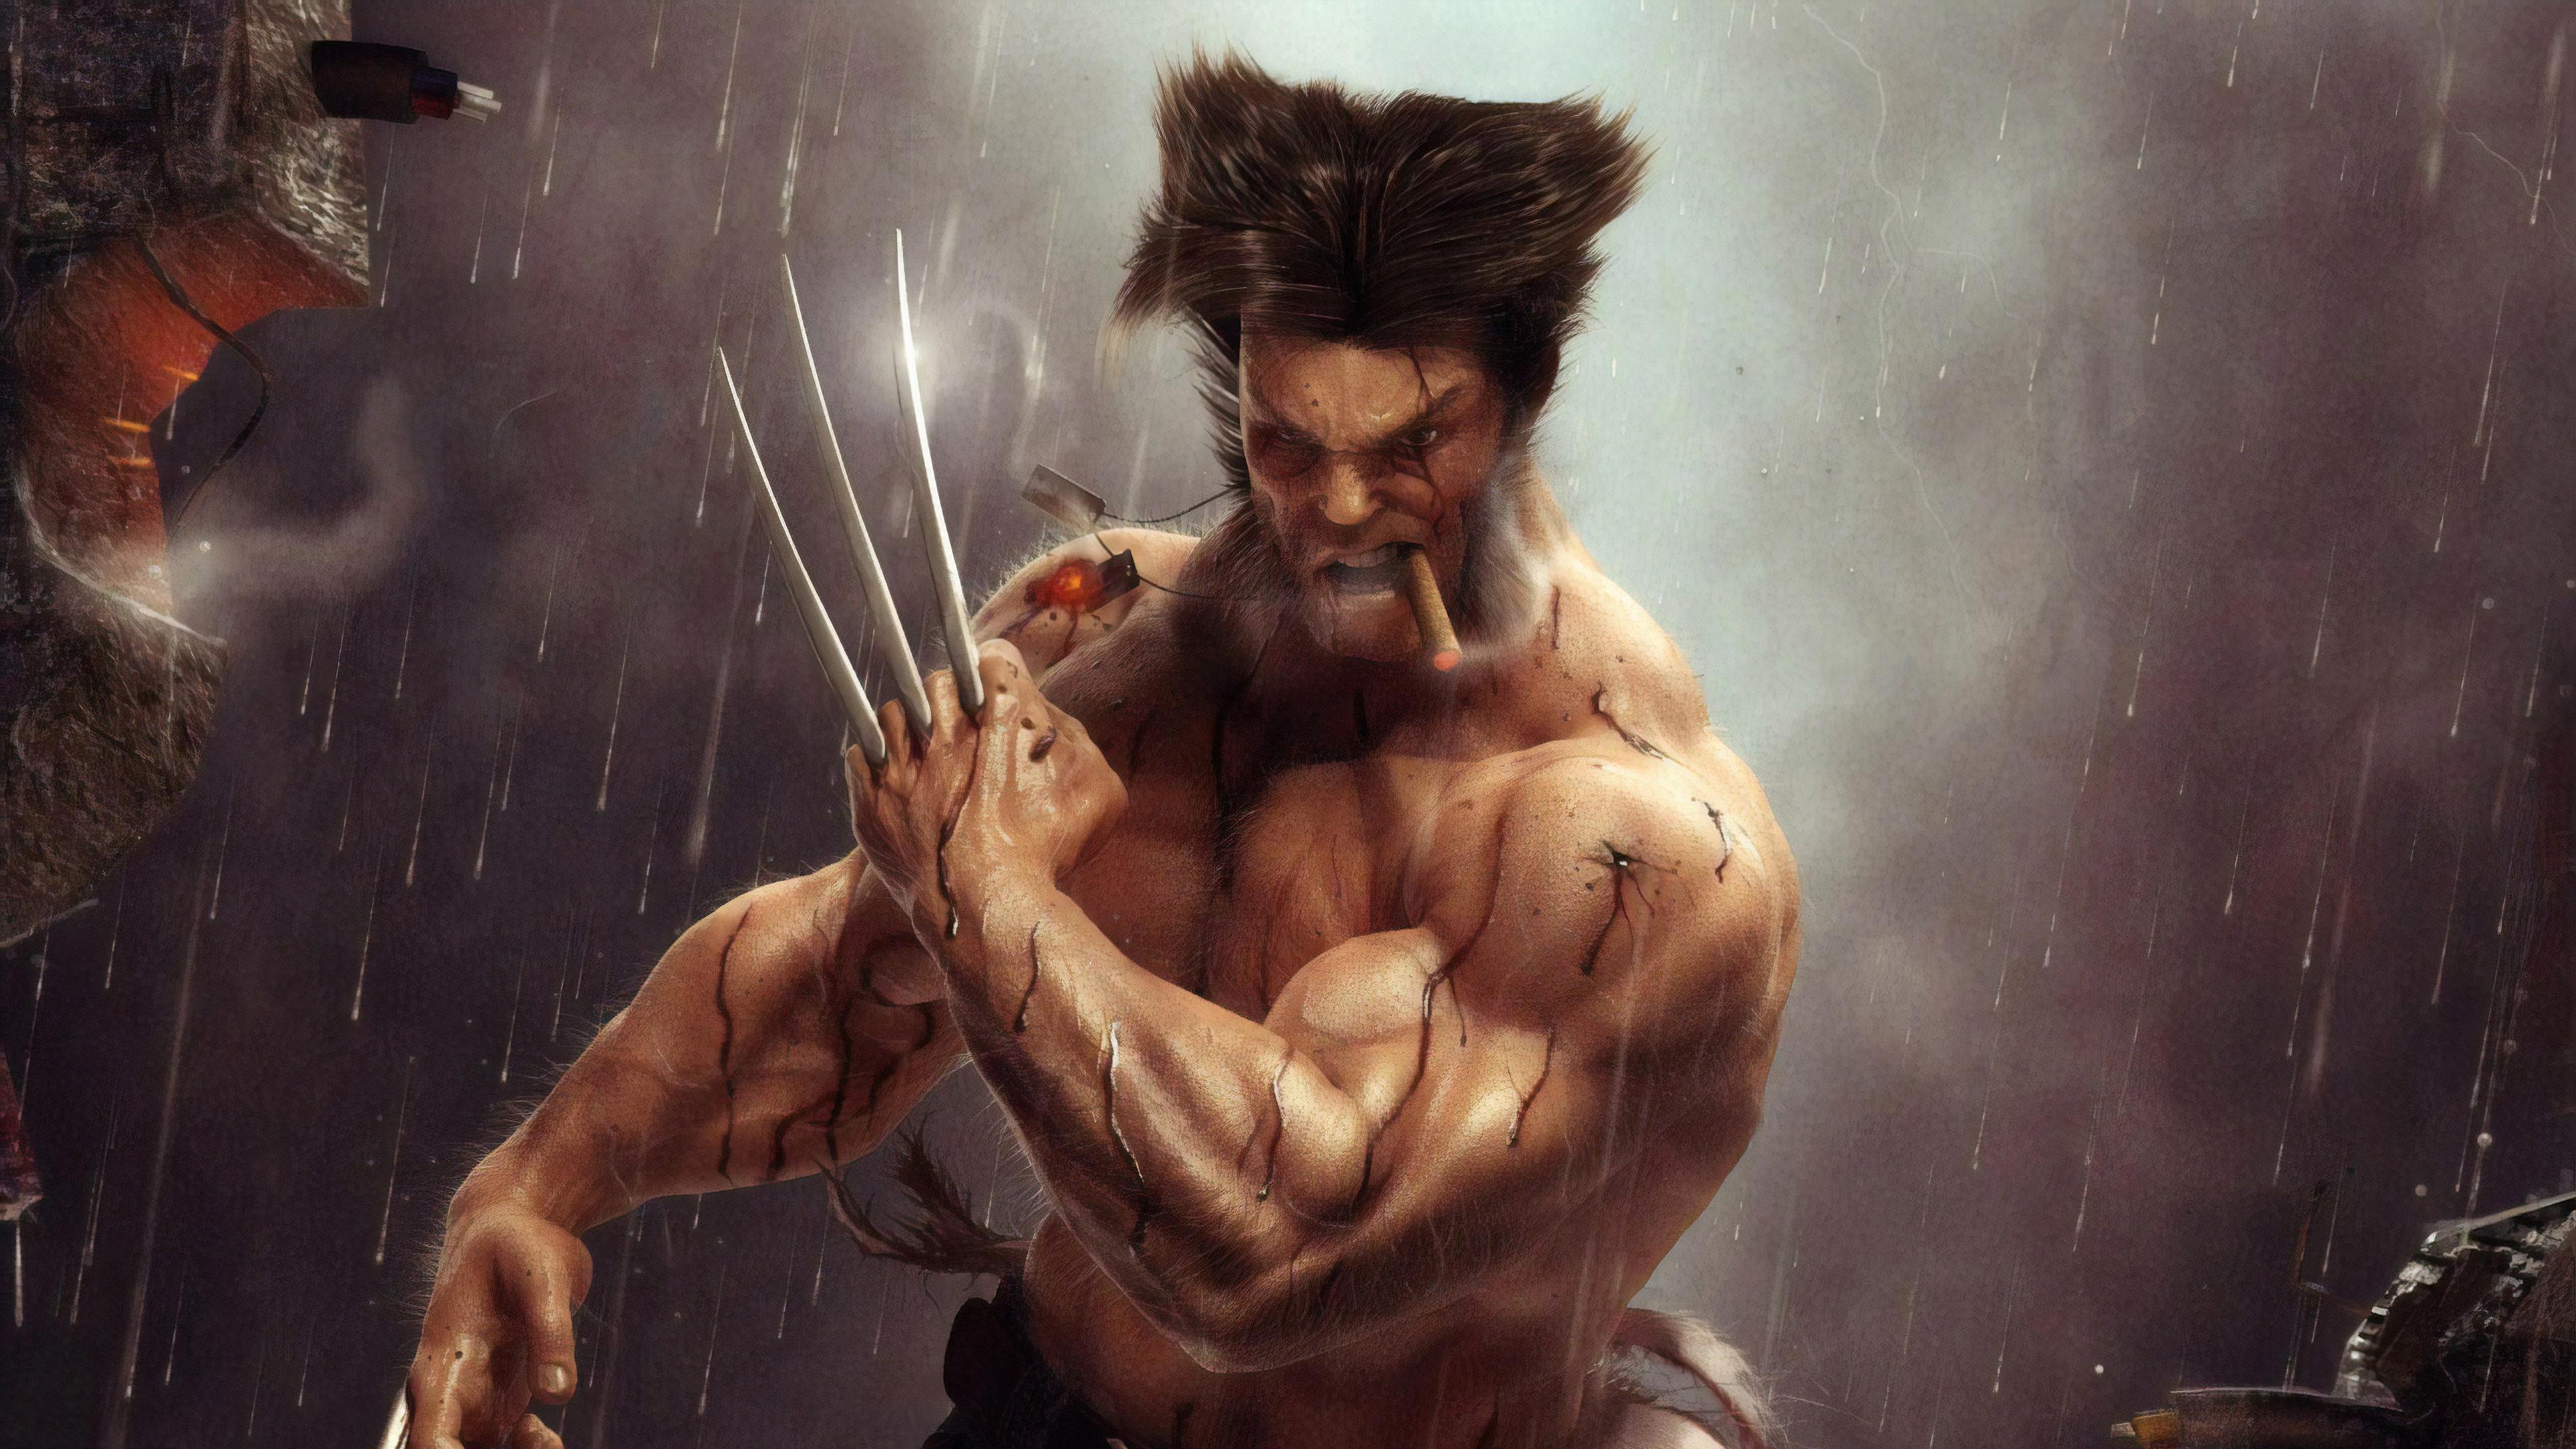 wolverine art work 1570394794 - Wolverine art work - wolverine wallpapers, superheroes wallpapers, hd-wallpapers, artwork wallpapers, artstation wallpapers, 4k-wallpapers